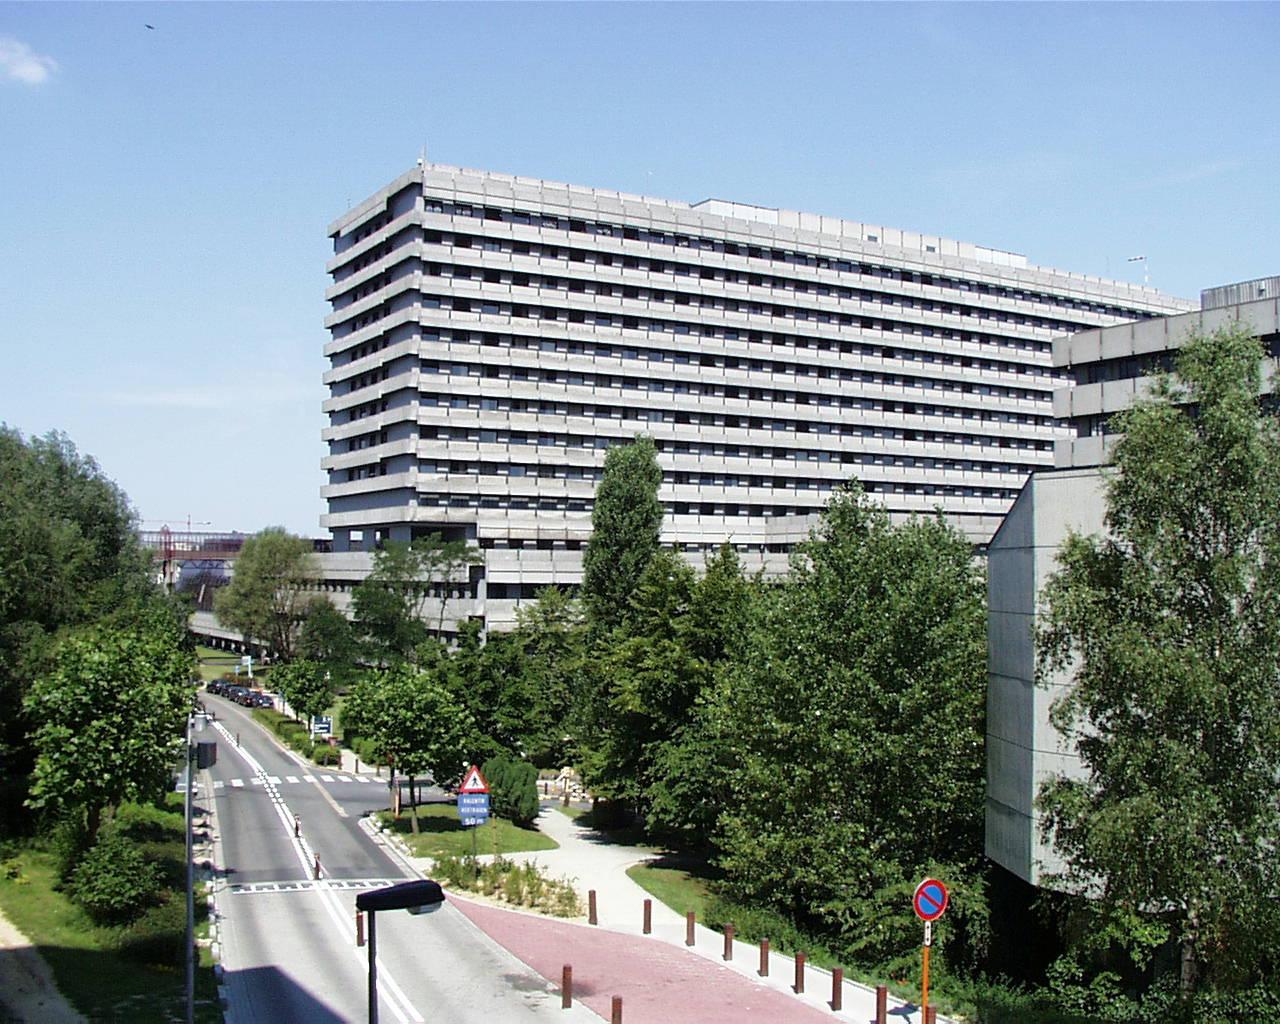 Cliniques universitaires Saint Luc